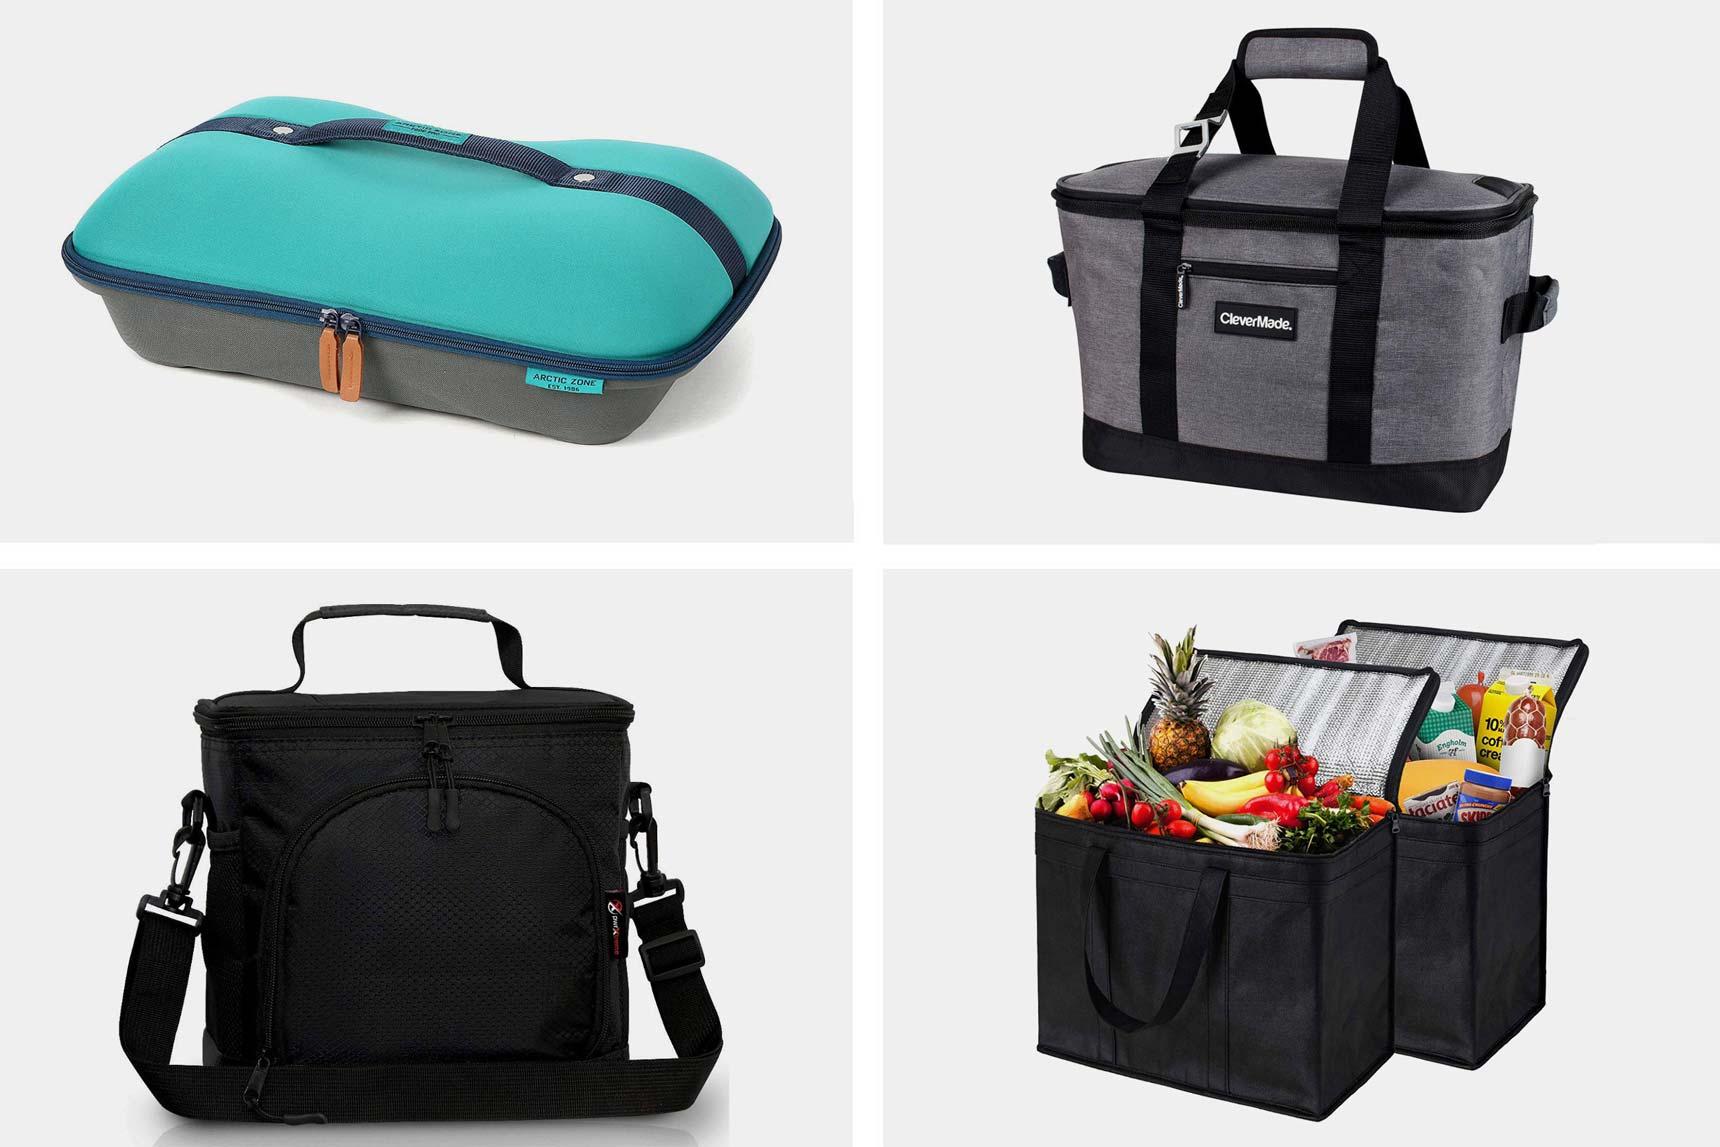 Cách sắp xếp thực phẩm/đồ uống duy trì độ ấm/lạnh trong túi giữ nhiệt hiệu quả